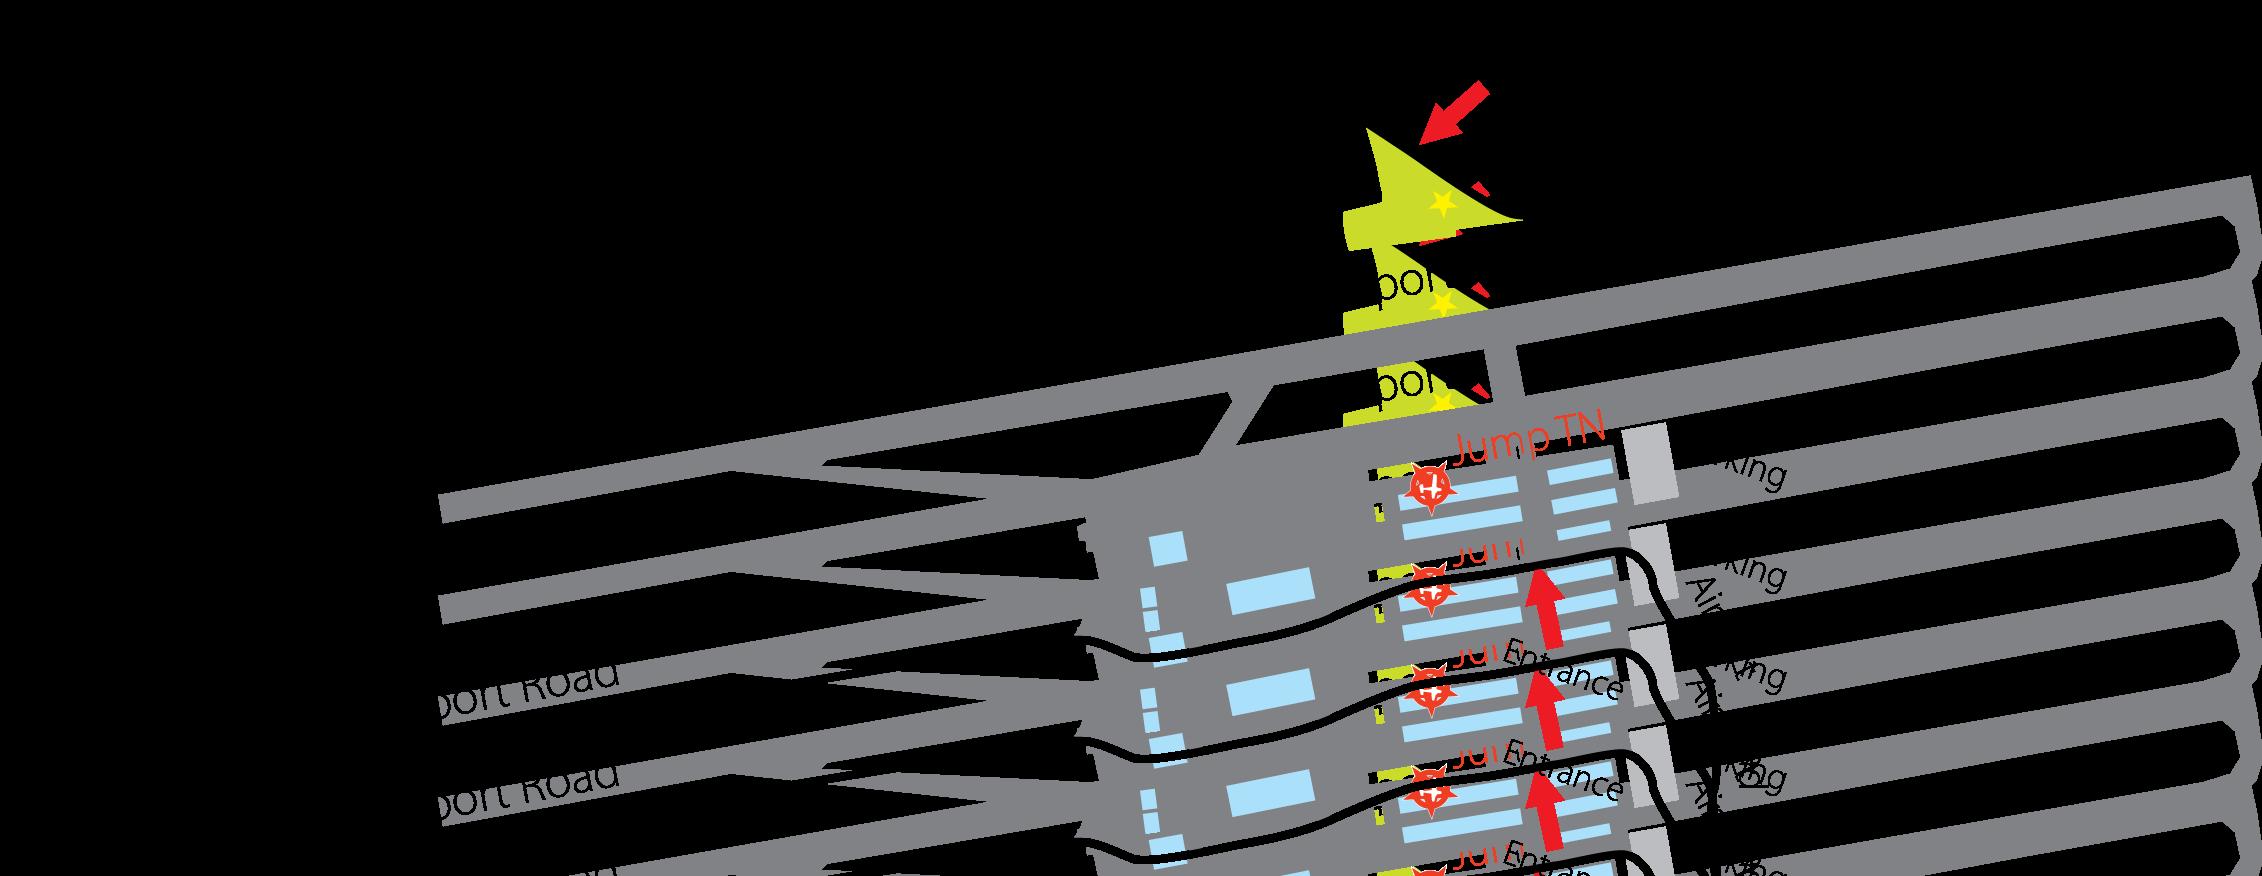 The Crash Site | jump tn